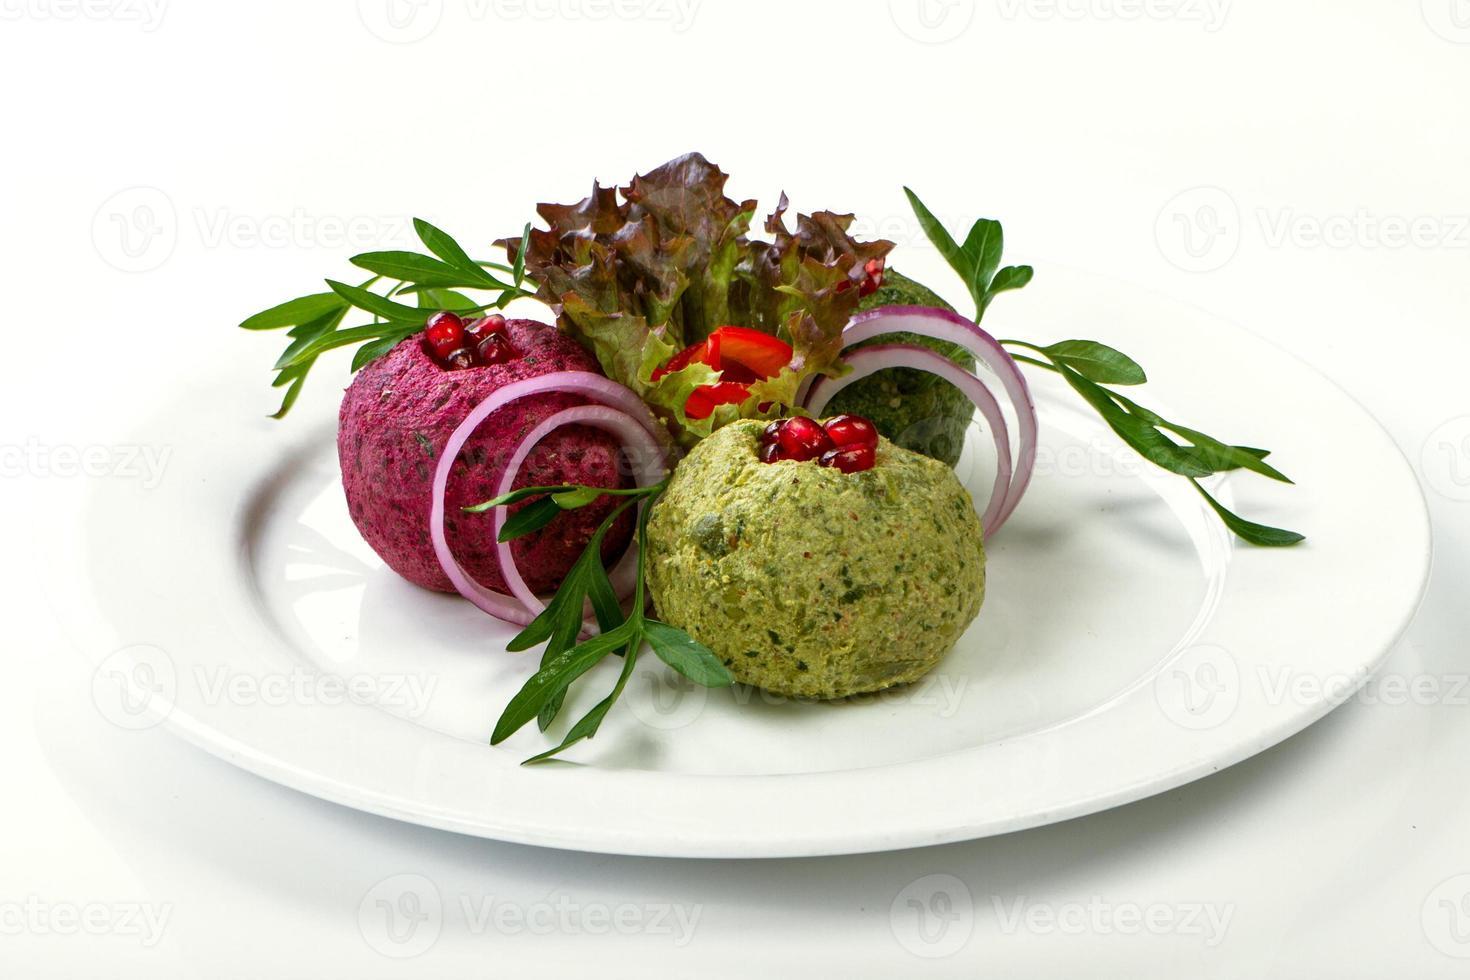 salade verte fraîche aux bébés épinards photo